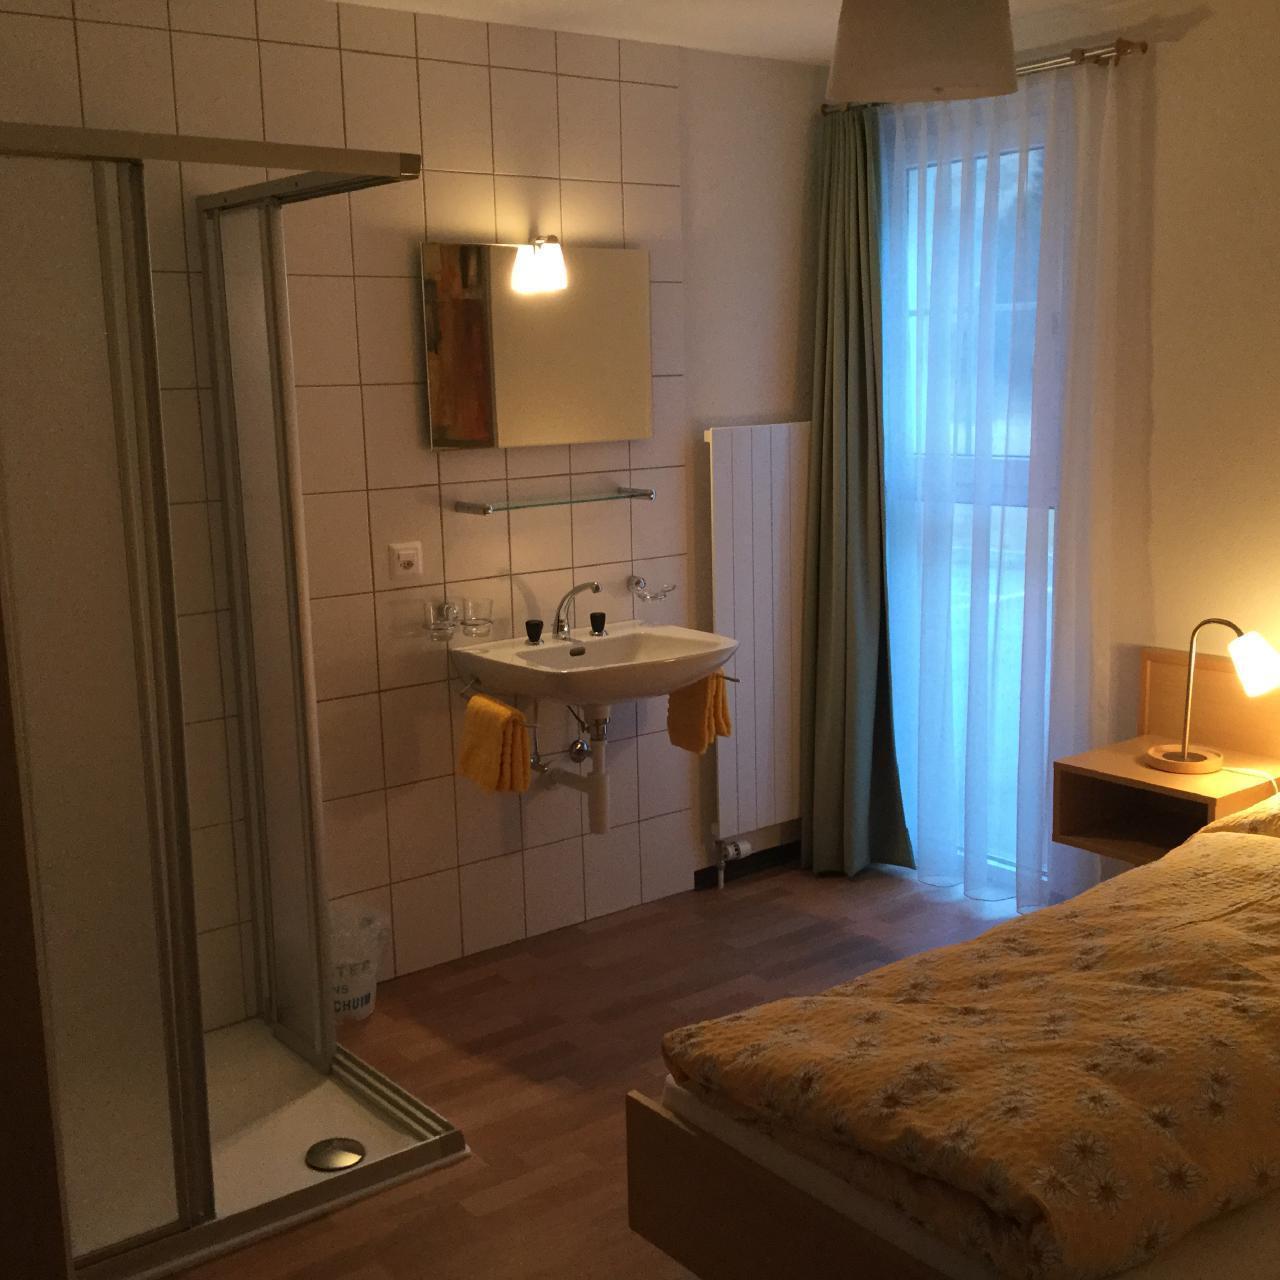 Ferienwohnung für 2 - 5 Personen mit zwei getrennten Schlafzimmern (692149), Saas Almagell, Saastal, Wallis, Schweiz, Bild 10